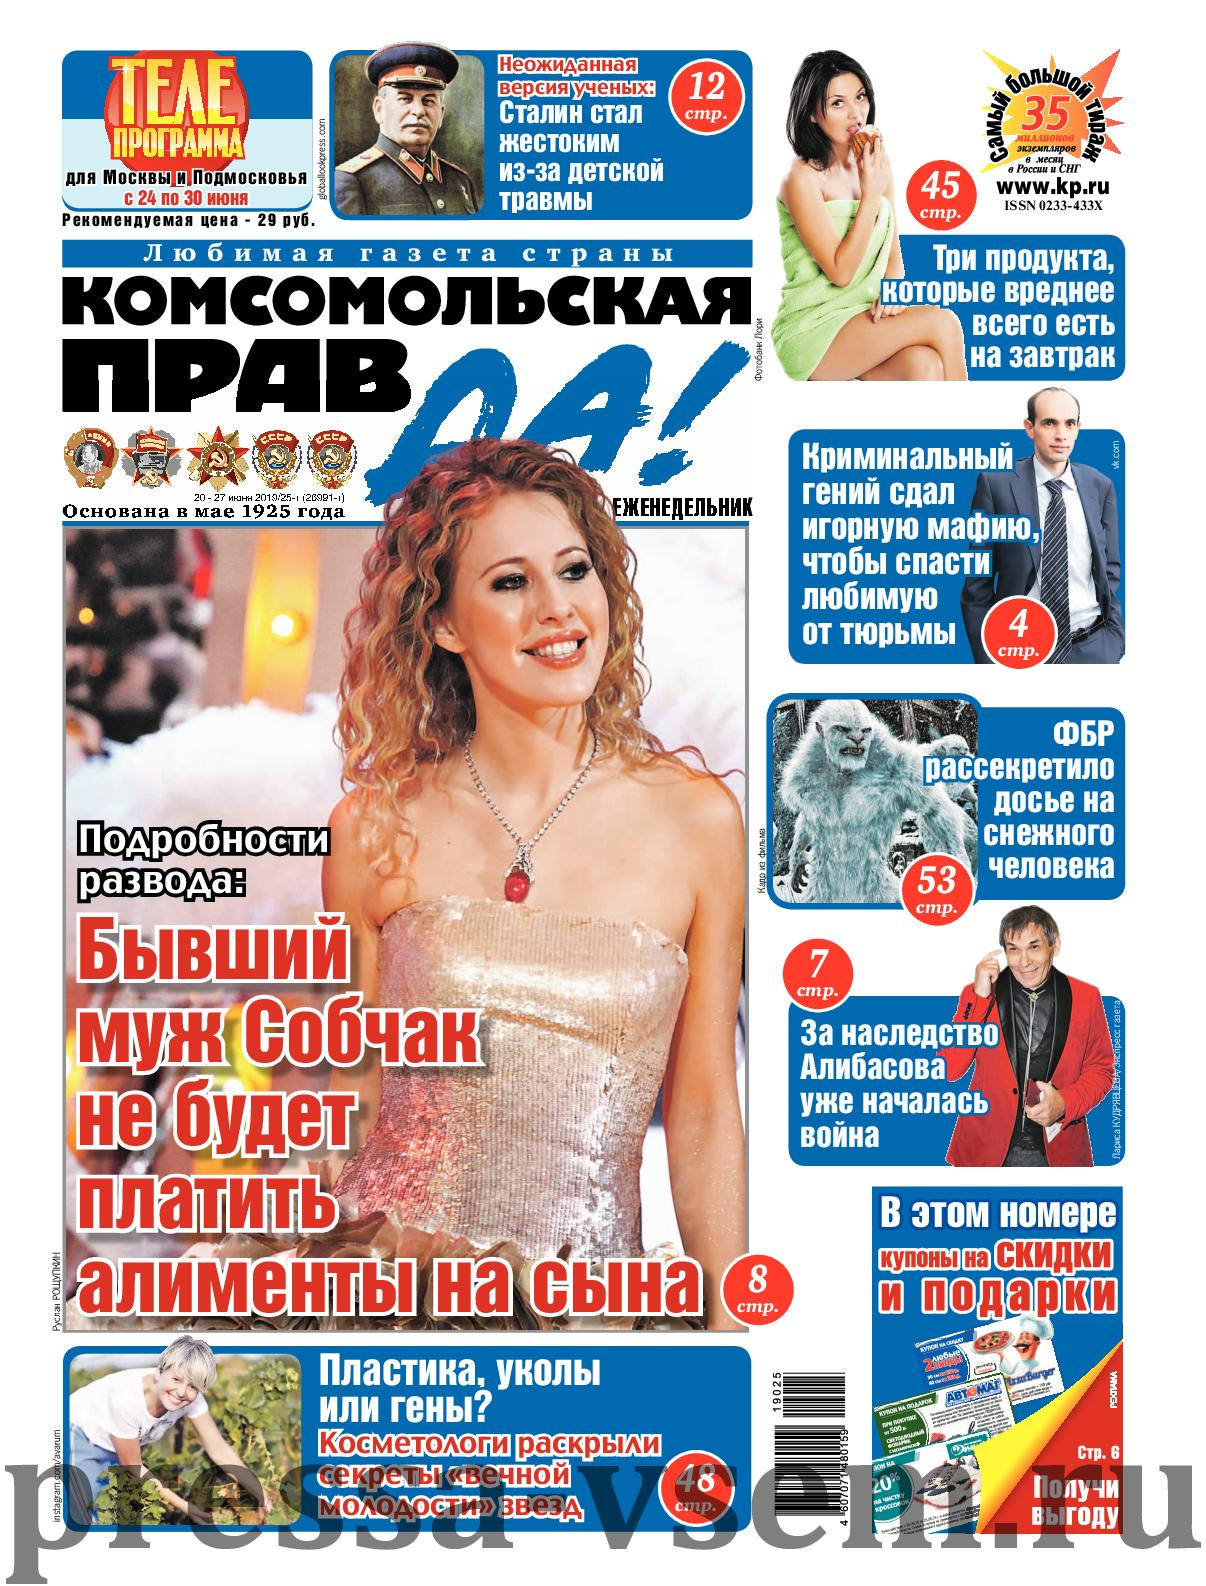 Секси Светлана Самойлова – Юбилей (2007)